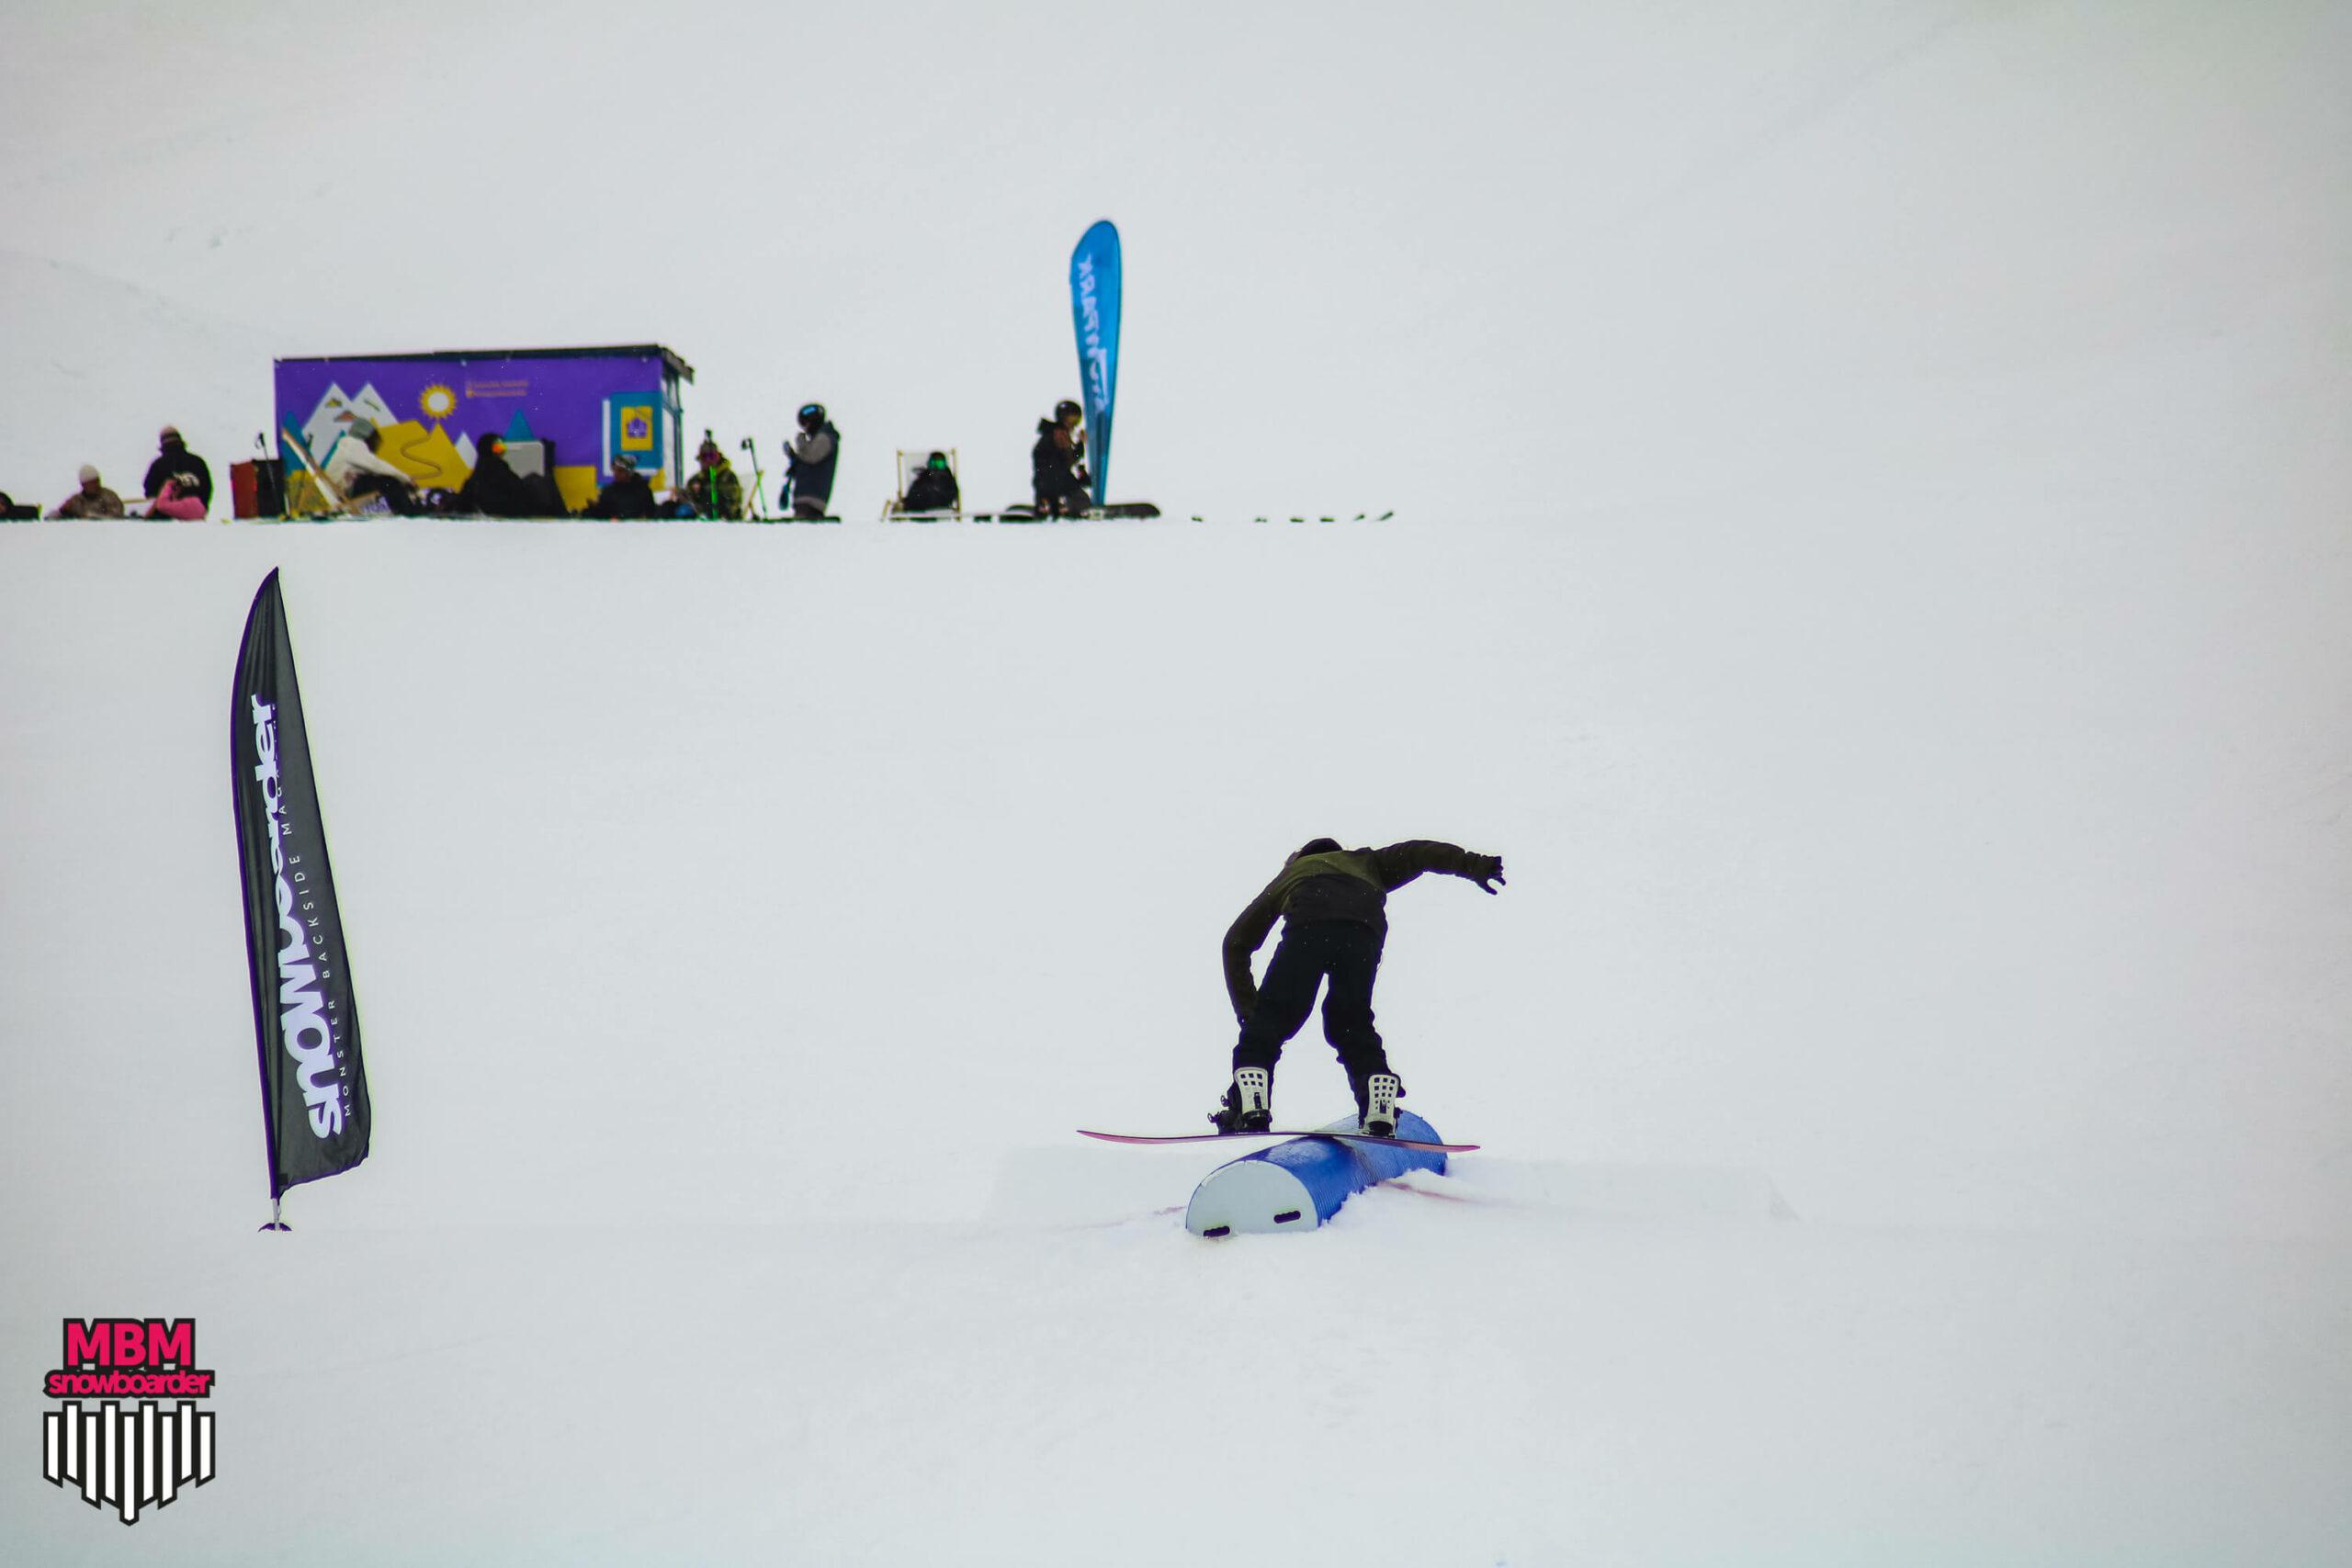 snowboarderMBM_sd_kaunertal_039